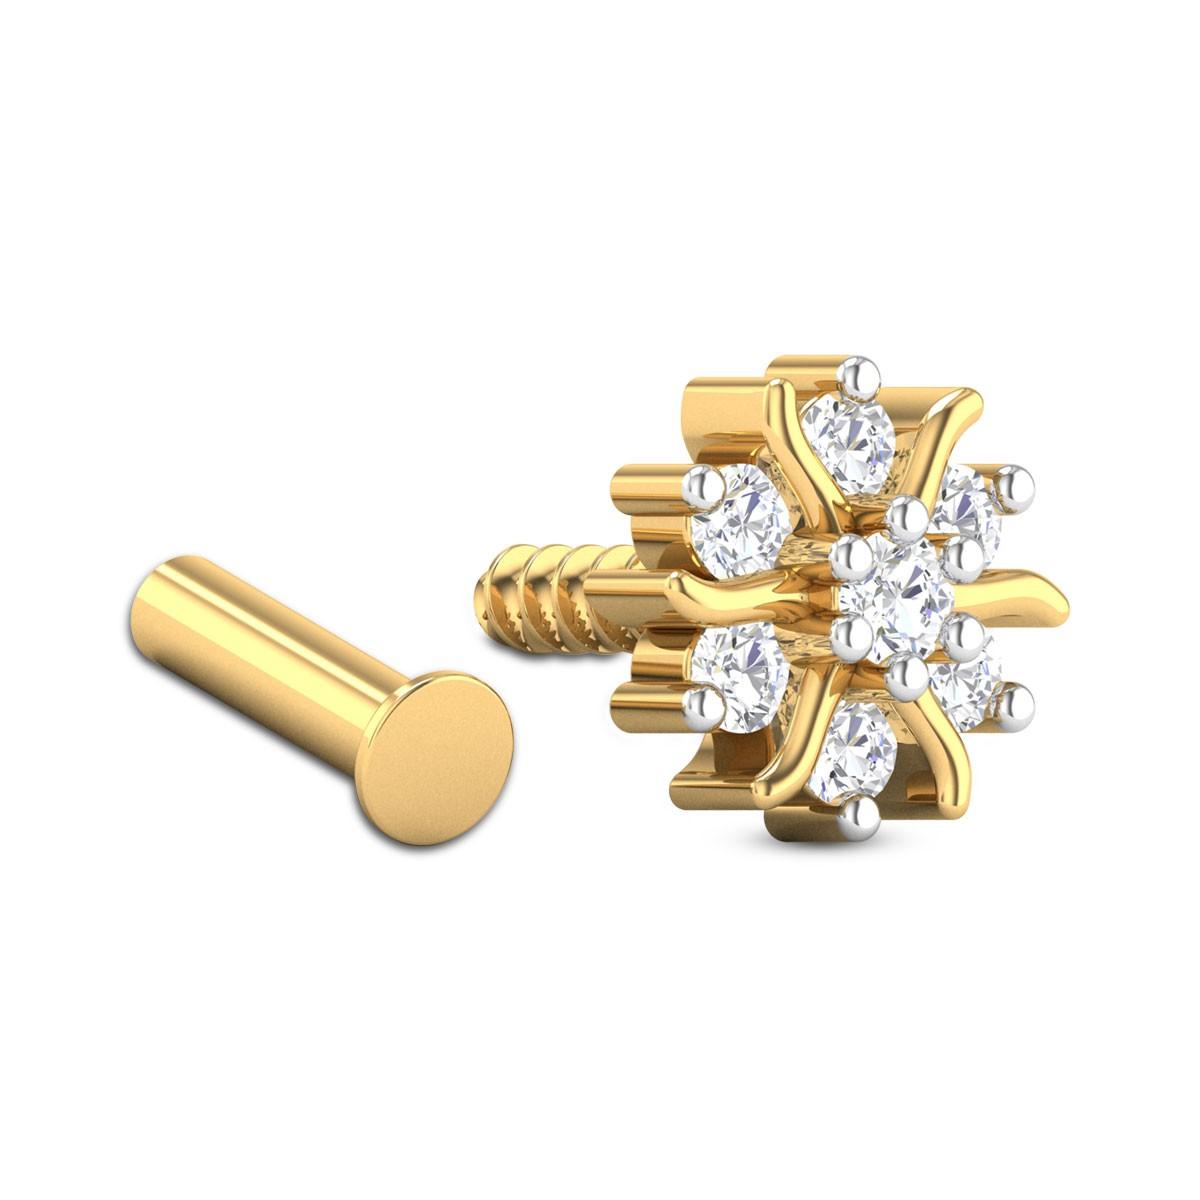 Candida Seven Stone Diamond Nosepin